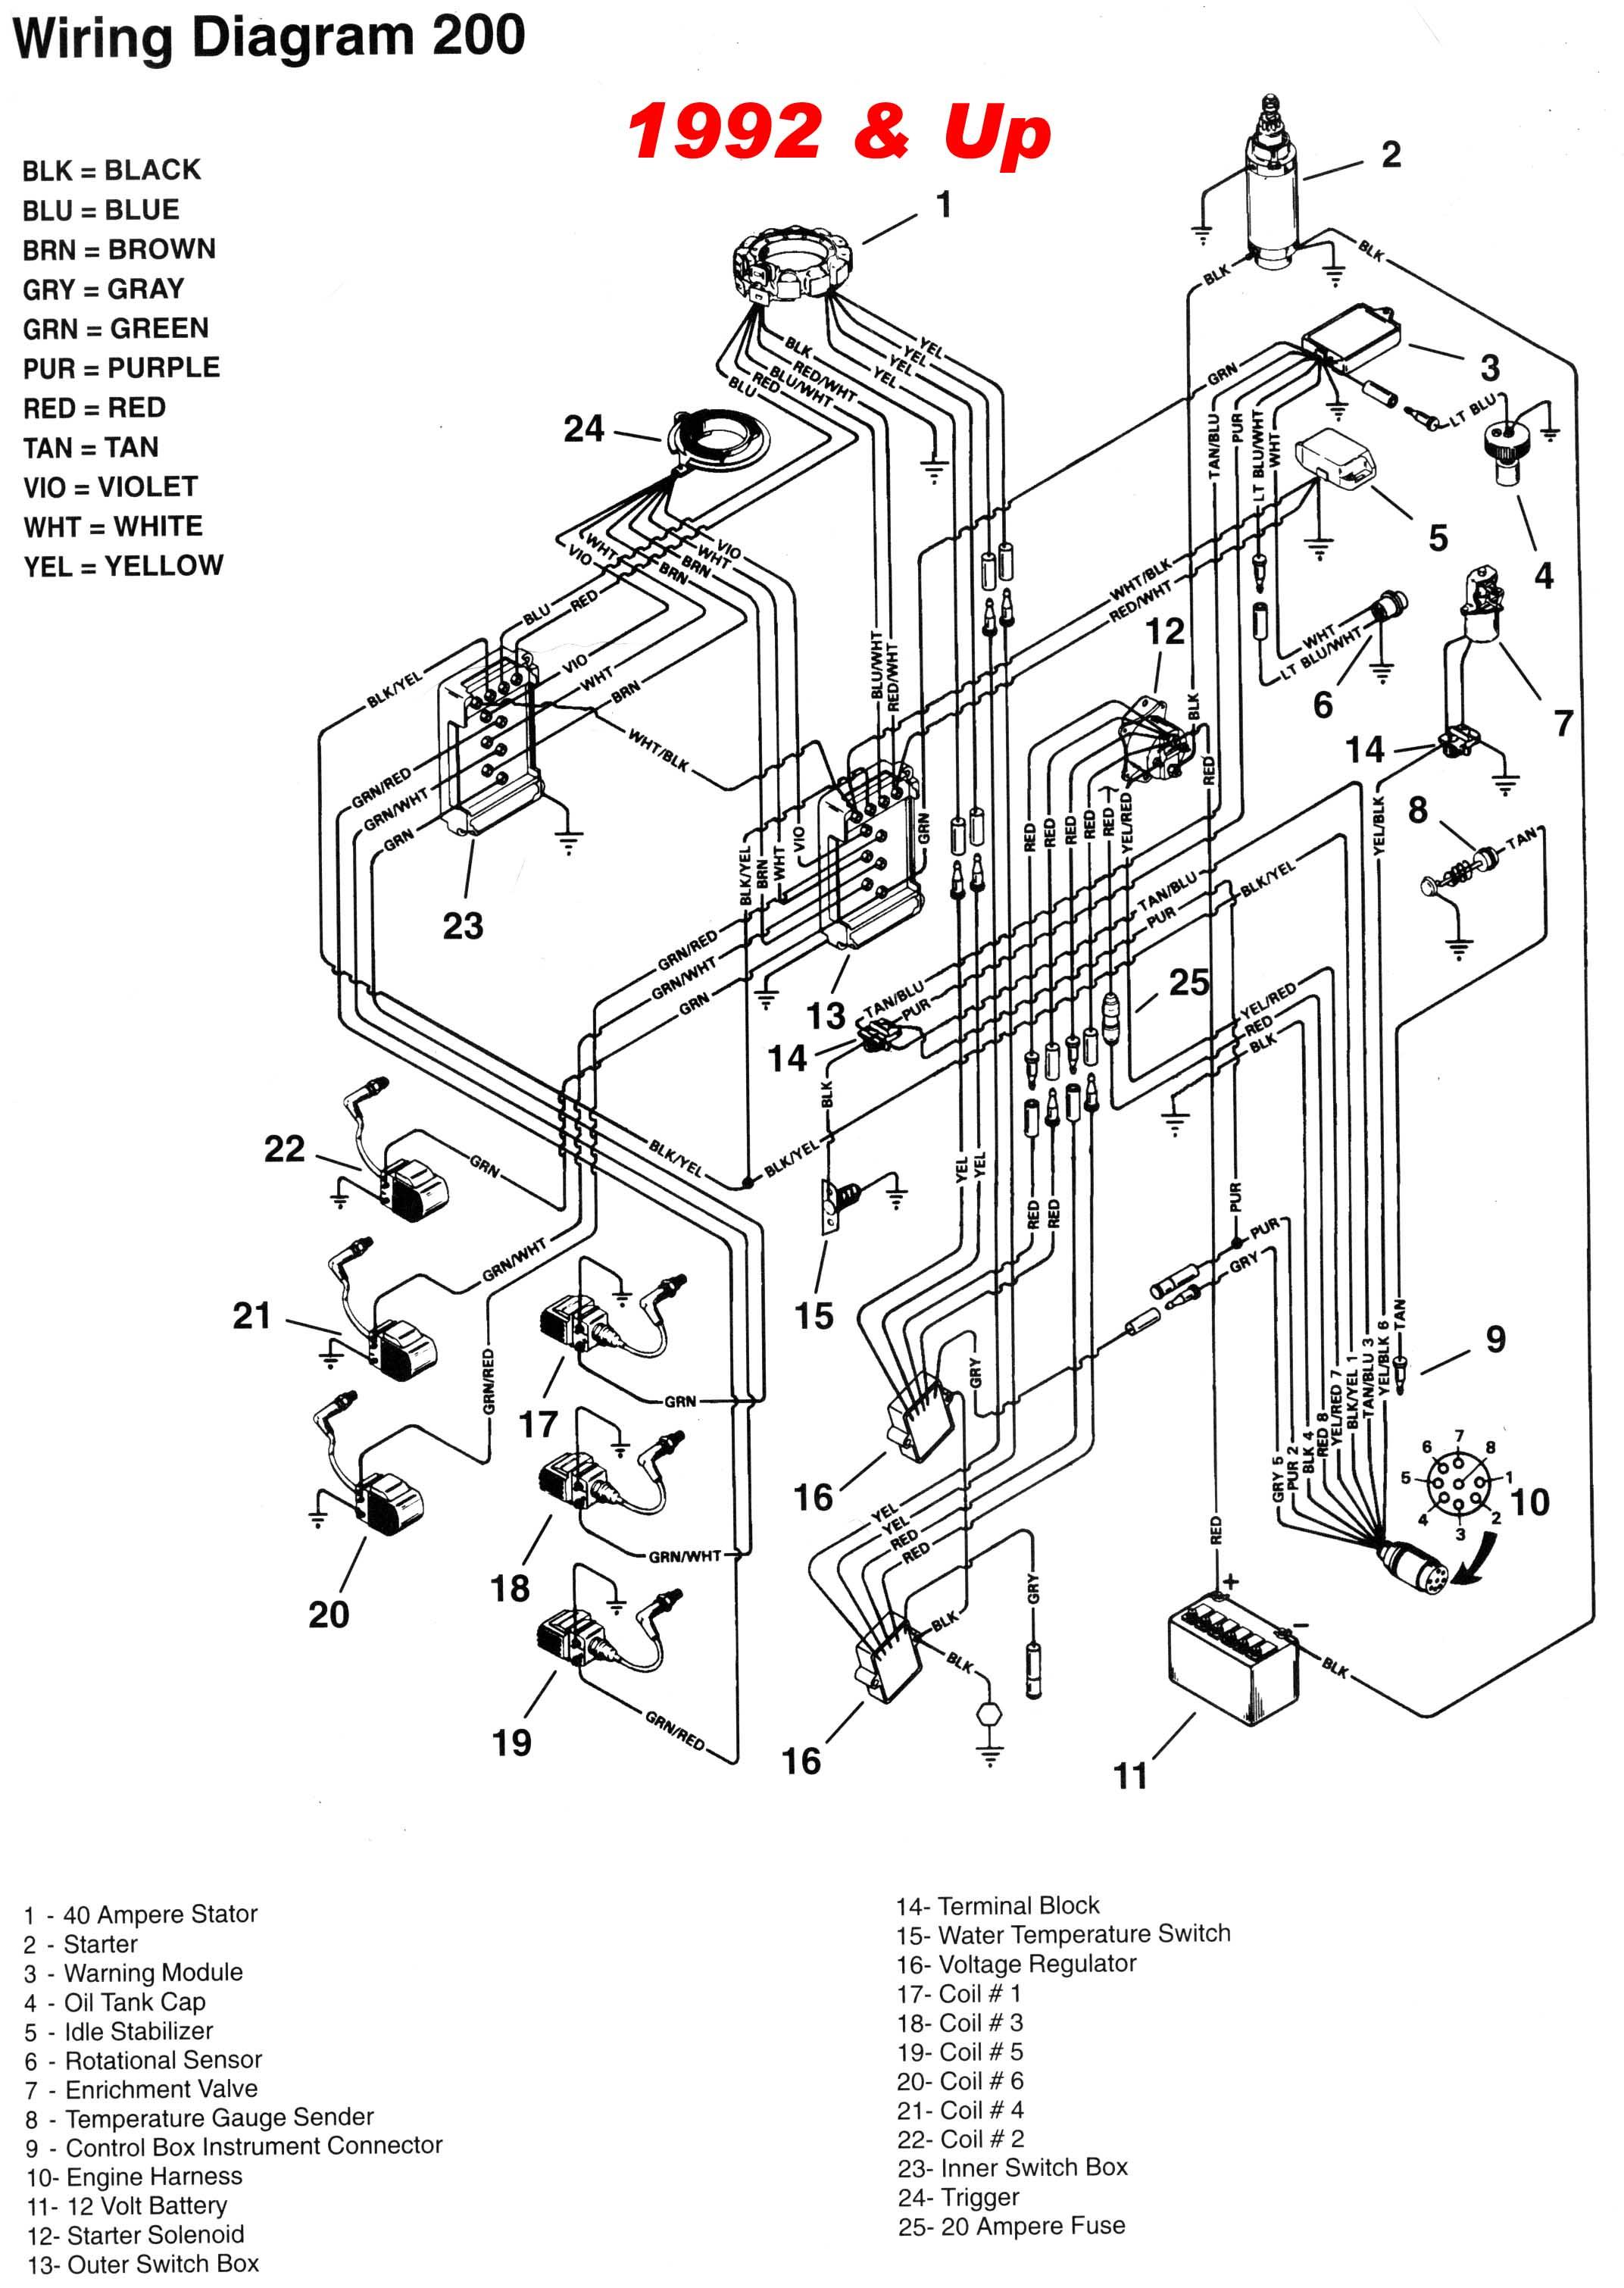 Super Mariner Trolling Motor Wiring Diagram Wiring Diagram Library Wiring Cloud Uslyletkolfr09Org